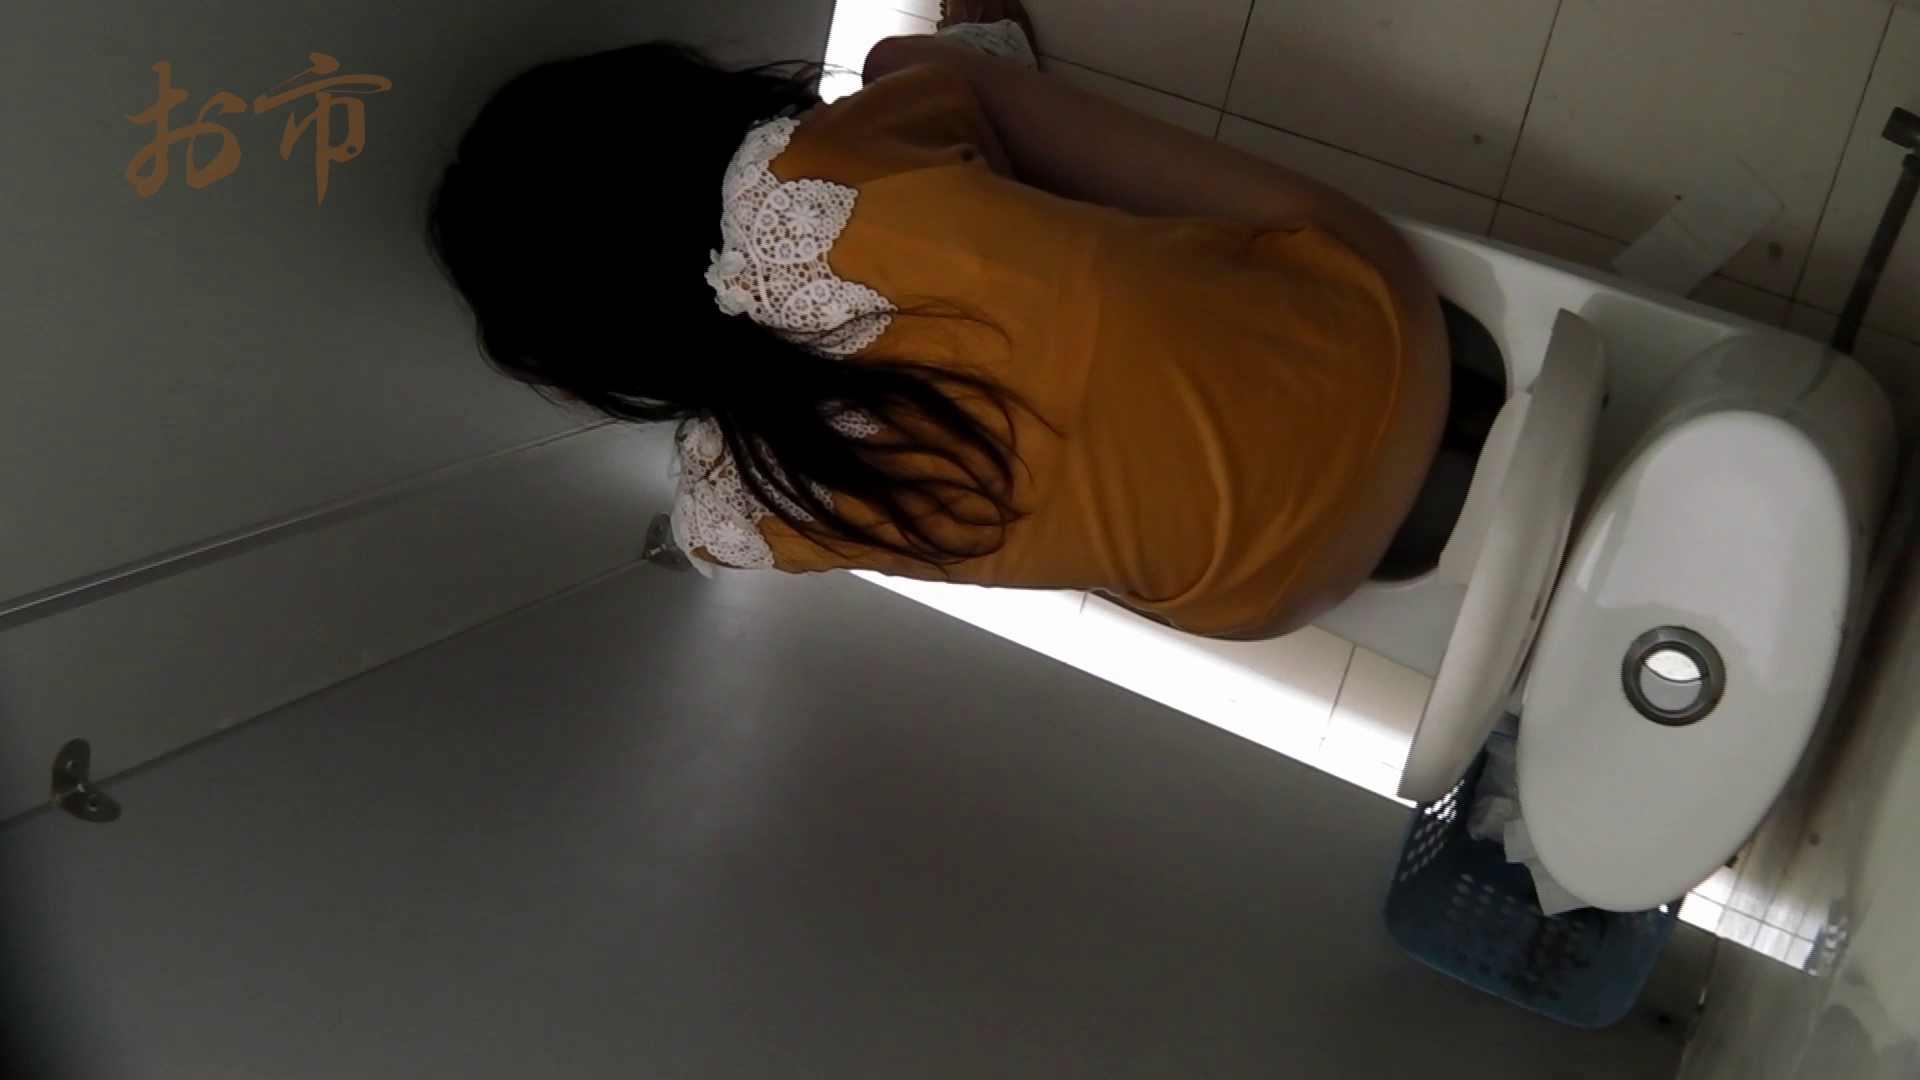 潜入!!台湾名門女学院 Vol.12 長身モデル驚き見たことないシチュエーション 美女  101pic 45